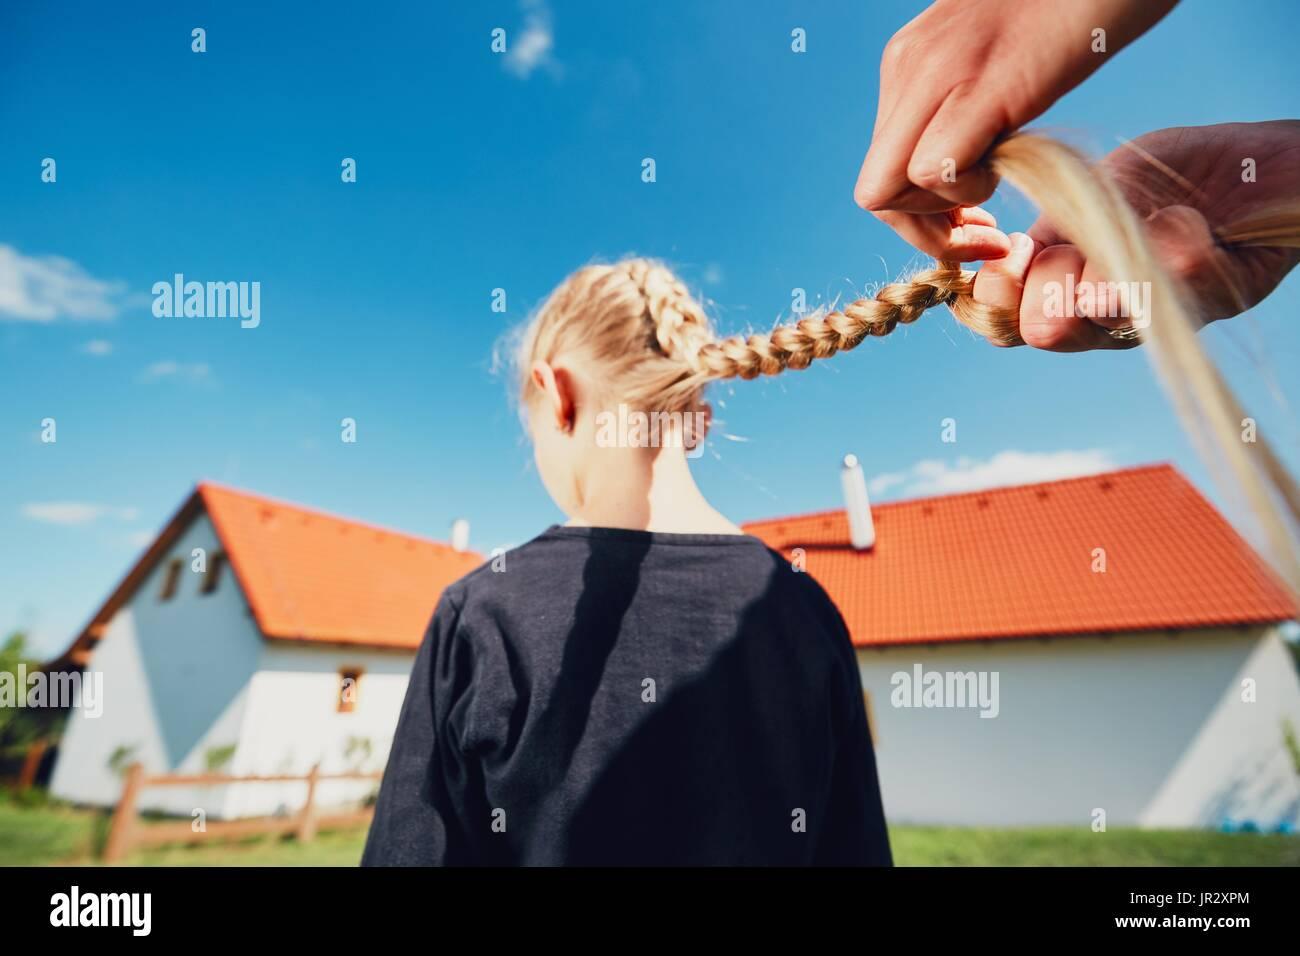 Junge Frau Haarflechten des kleinen Mädchens auf dem Garten auf dem Lande machen. Stockbild